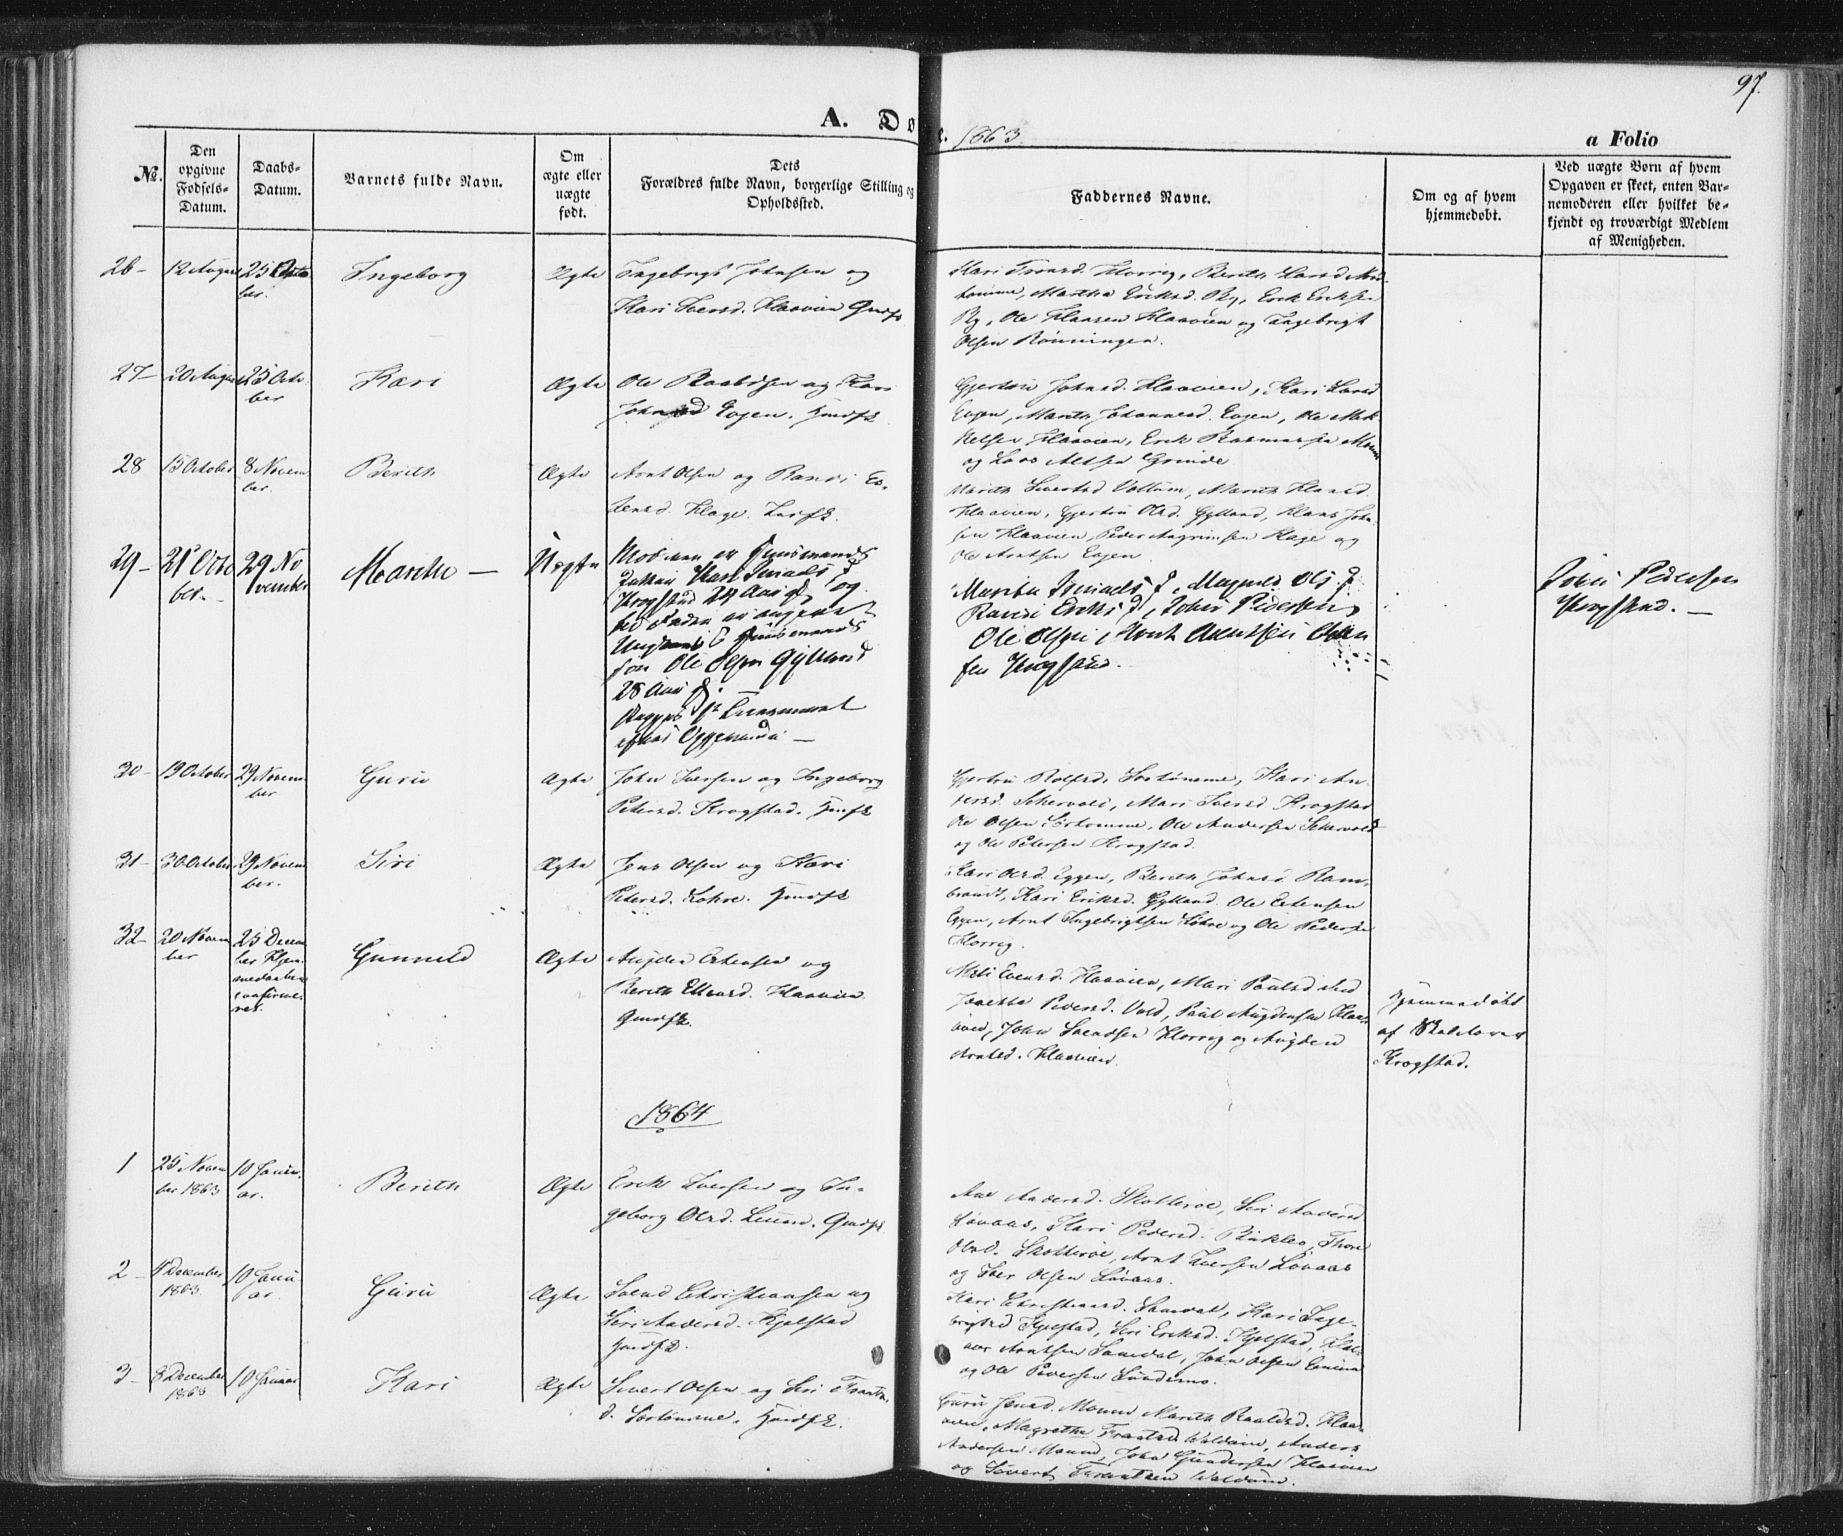 SAT, Ministerialprotokoller, klokkerbøker og fødselsregistre - Sør-Trøndelag, 692/L1103: Ministerialbok nr. 692A03, 1849-1870, s. 97